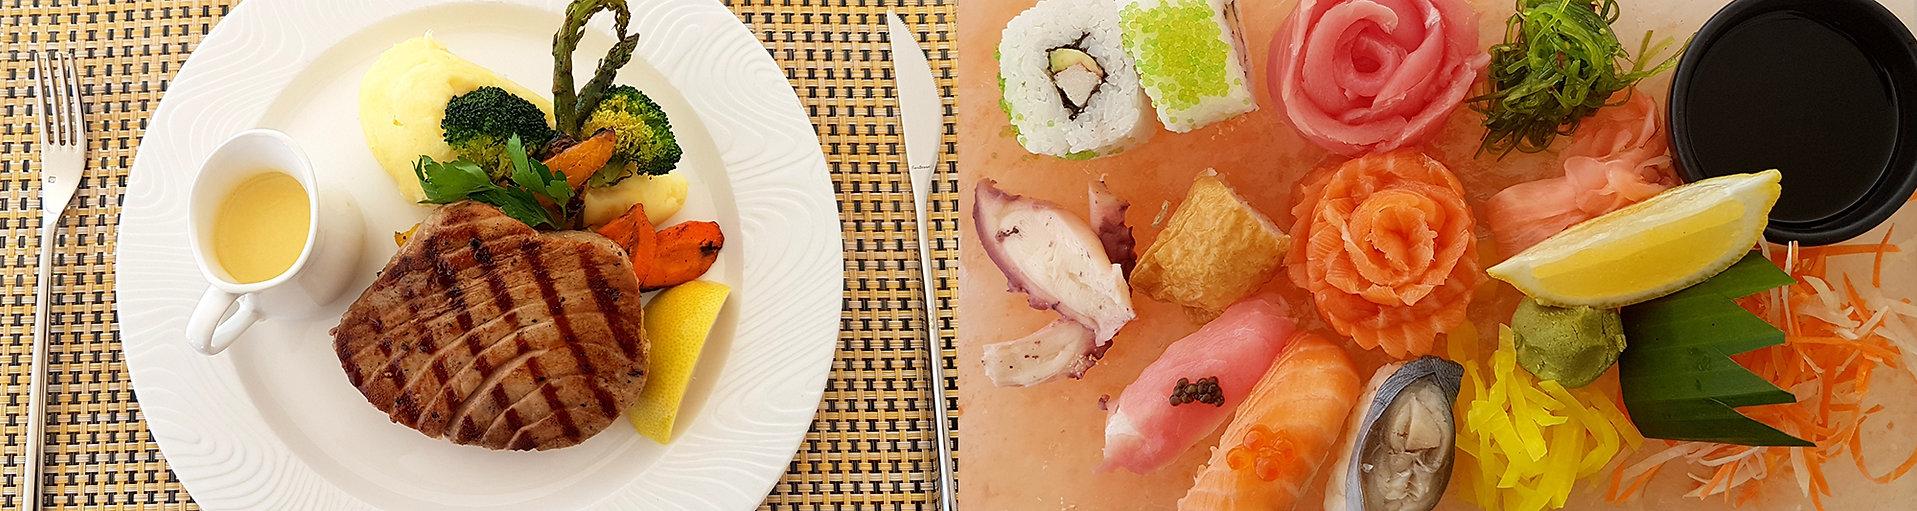 Tuňák žlutoploutvý, Maledivy, sushi, sas